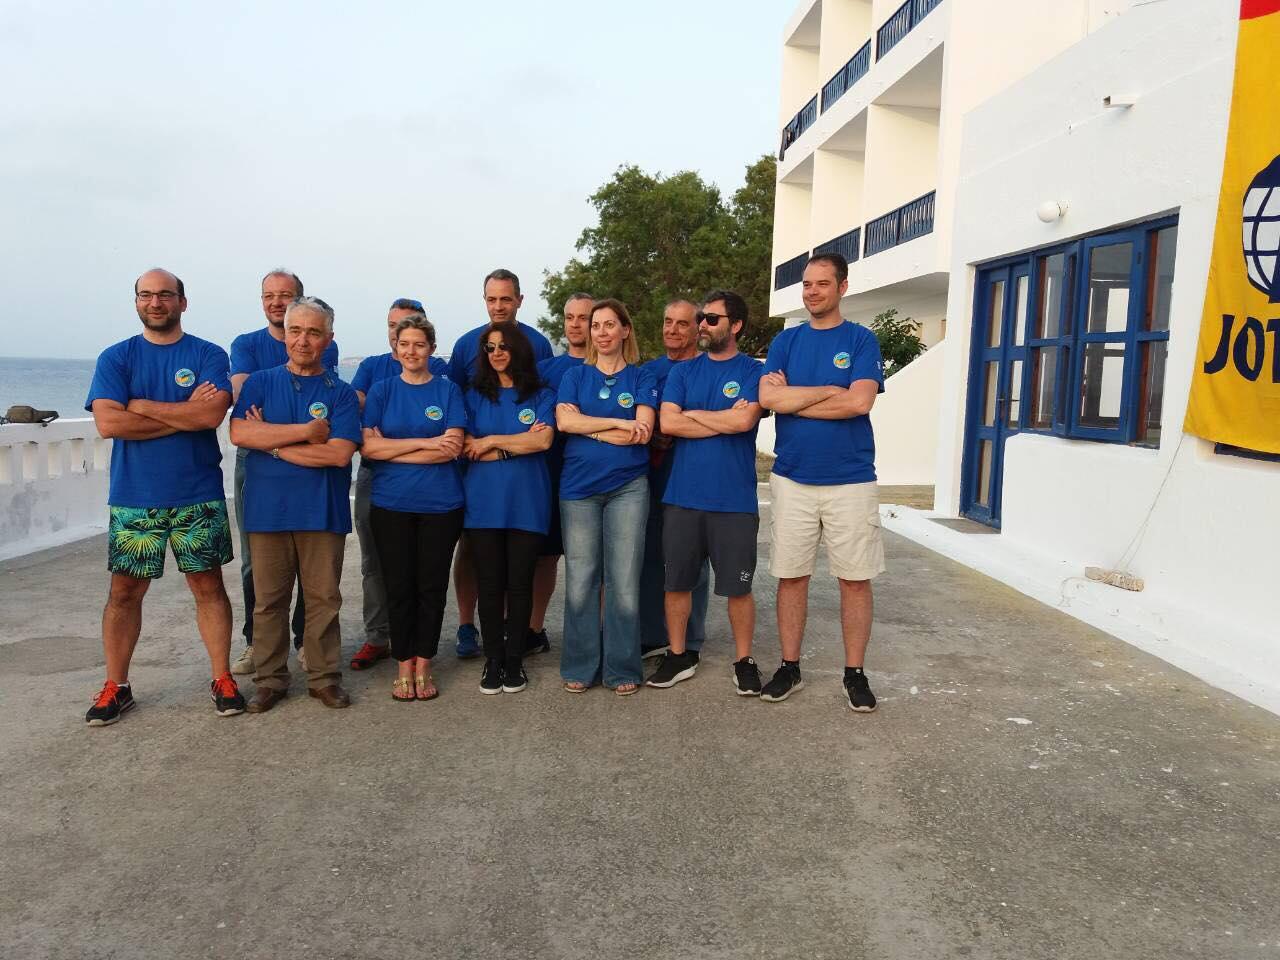 Ομάδα εθελοντών SOS Ιατροί